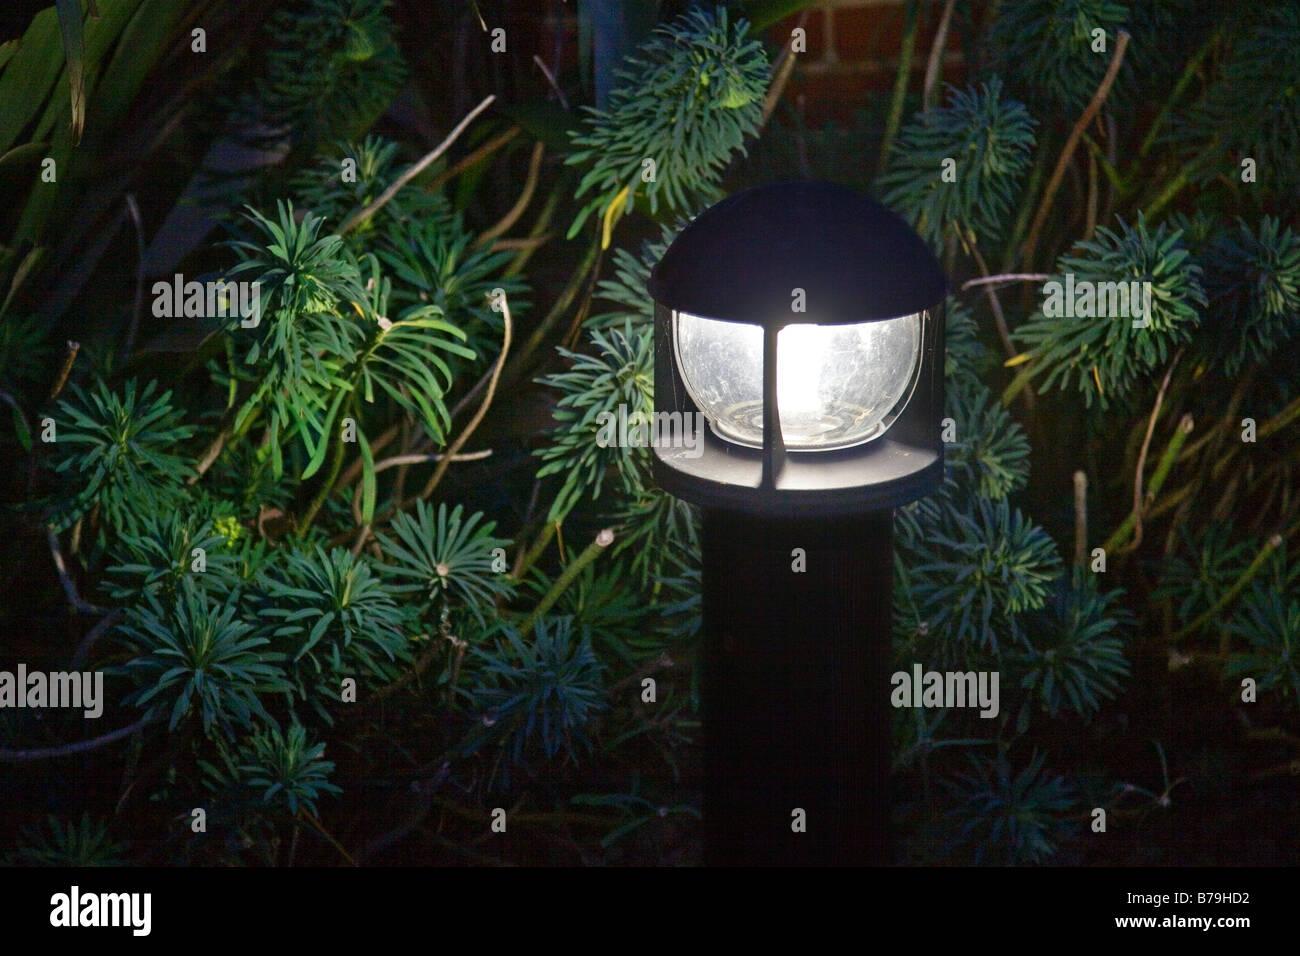 Garden light - Stock Image